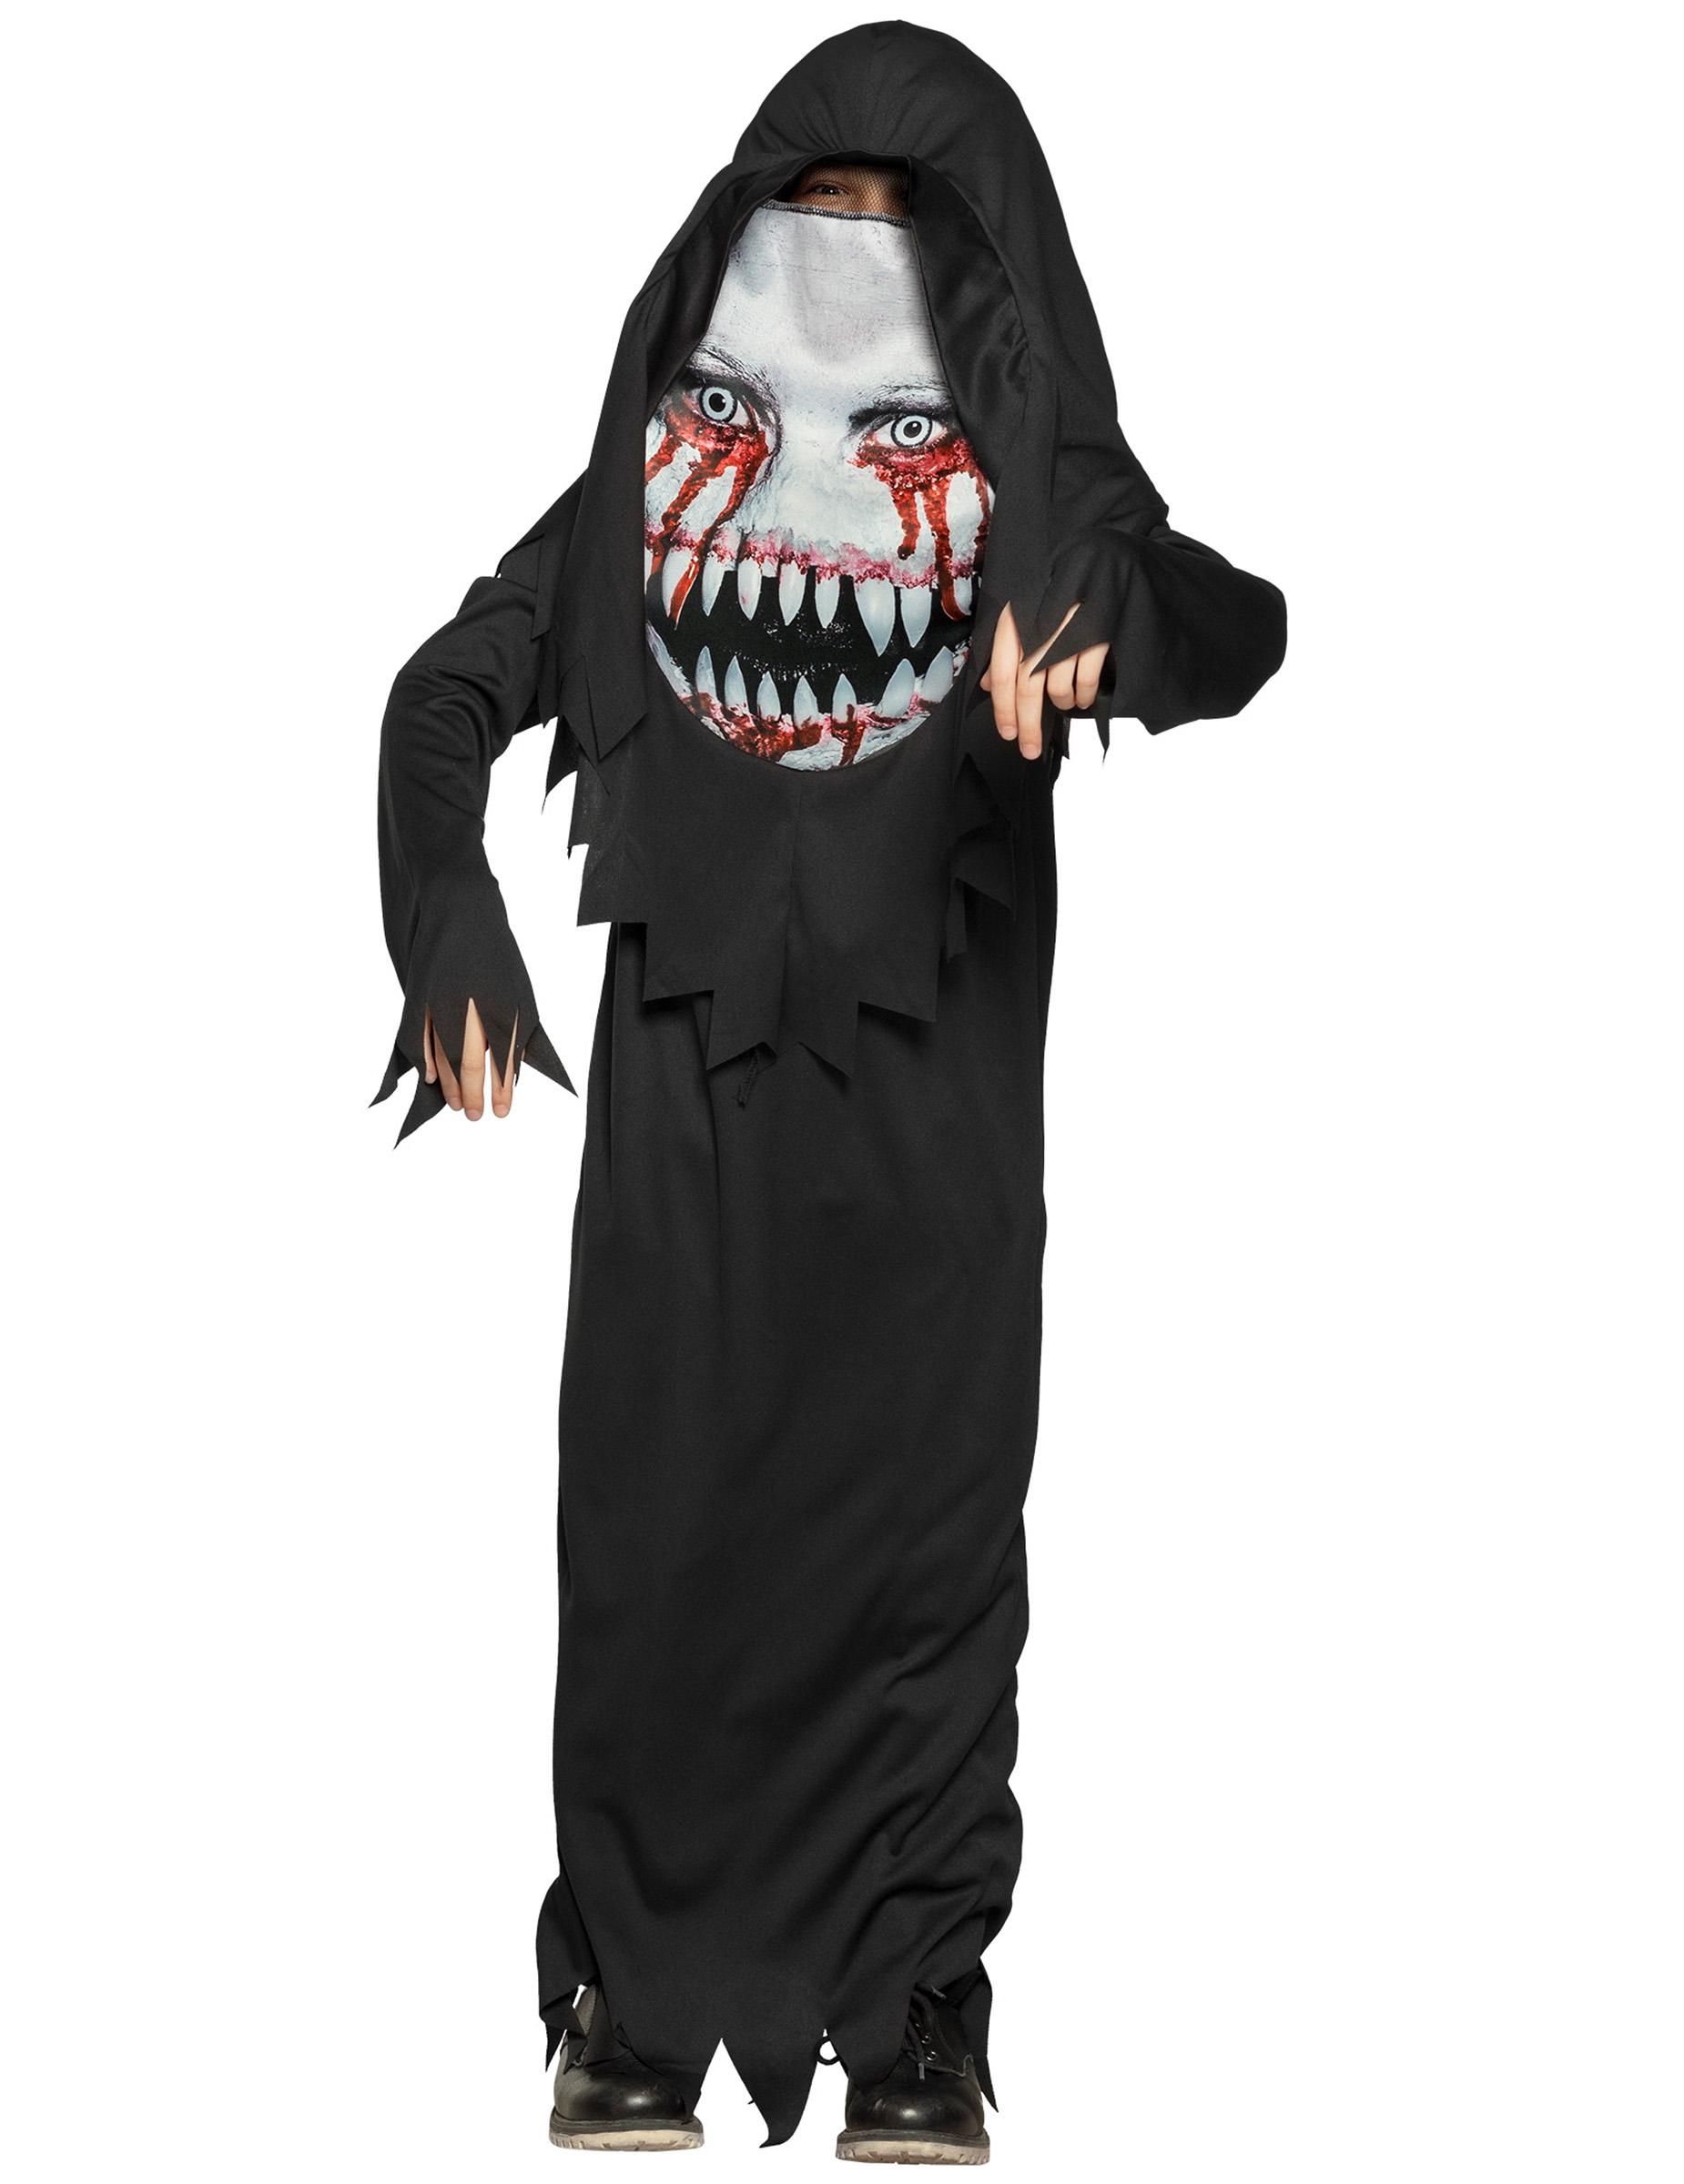 #Monster-Kinderkostüm mit übergroßer Maske für Halloween schwarz-weiss#